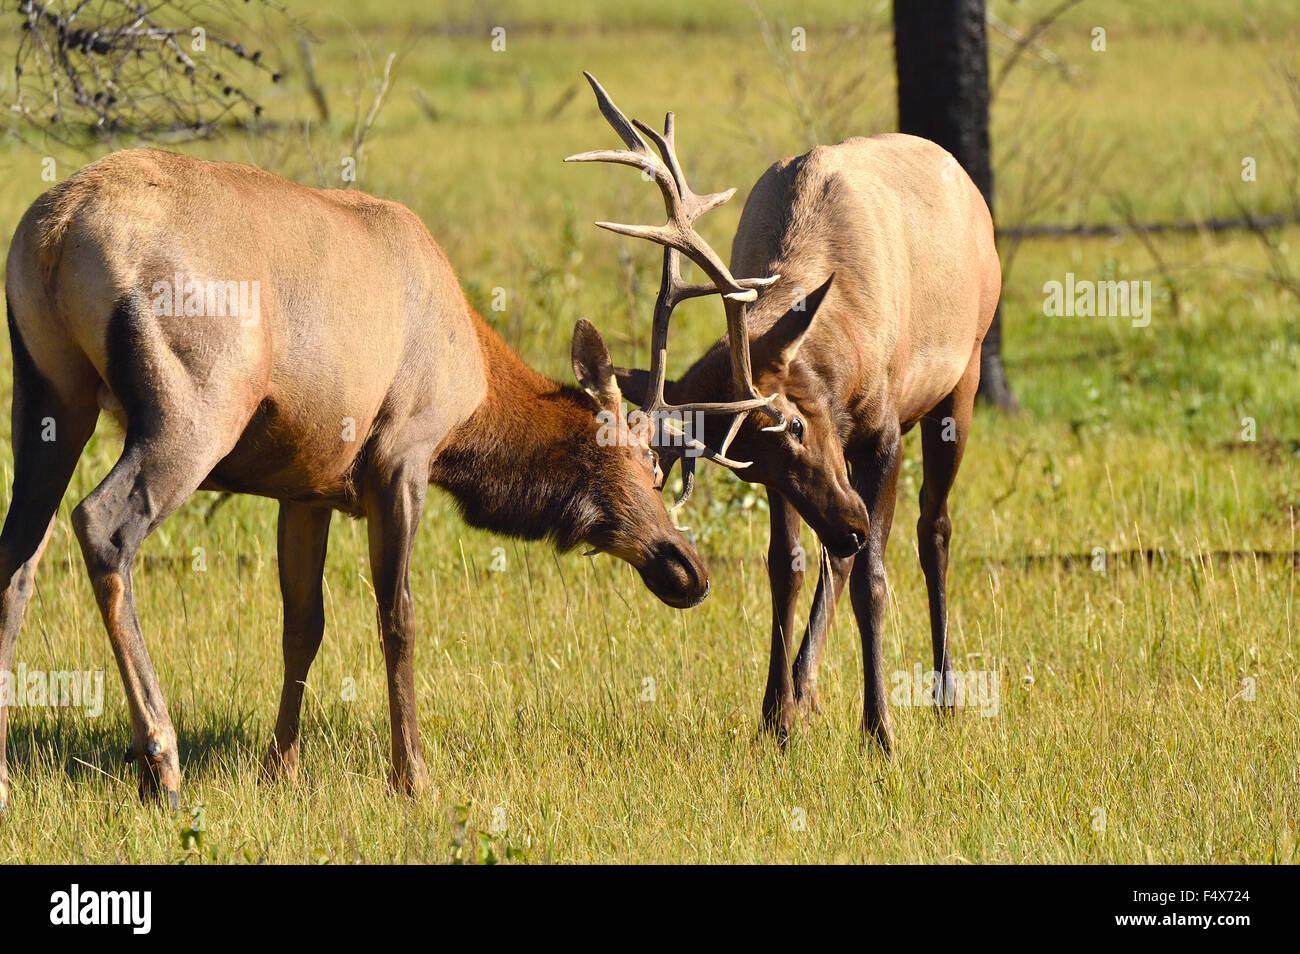 Two bull elk , Cervus elaphus, fighting in a meadow - Stock Image